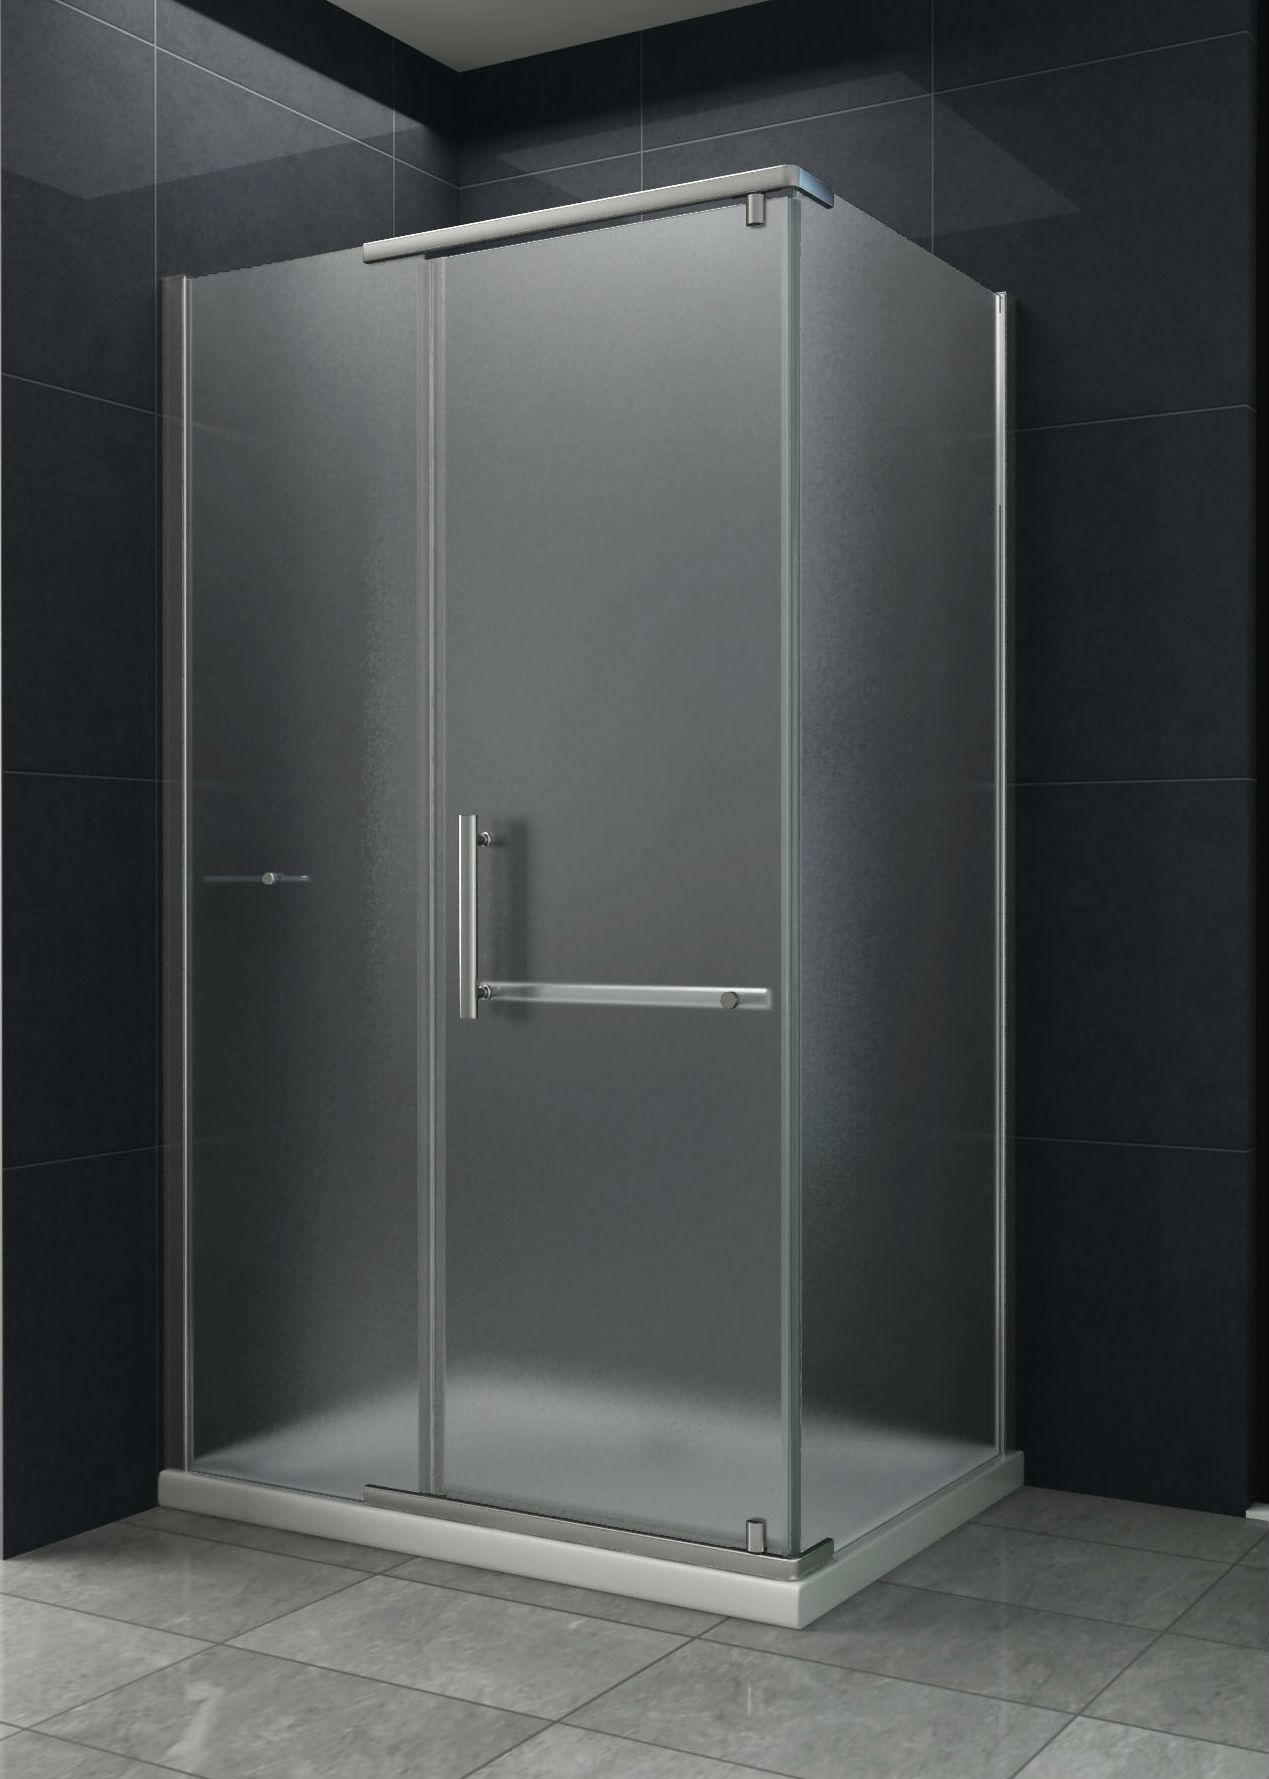 Hedendaags Douche Design matglas douchecabine met draaideur kopen WP-56